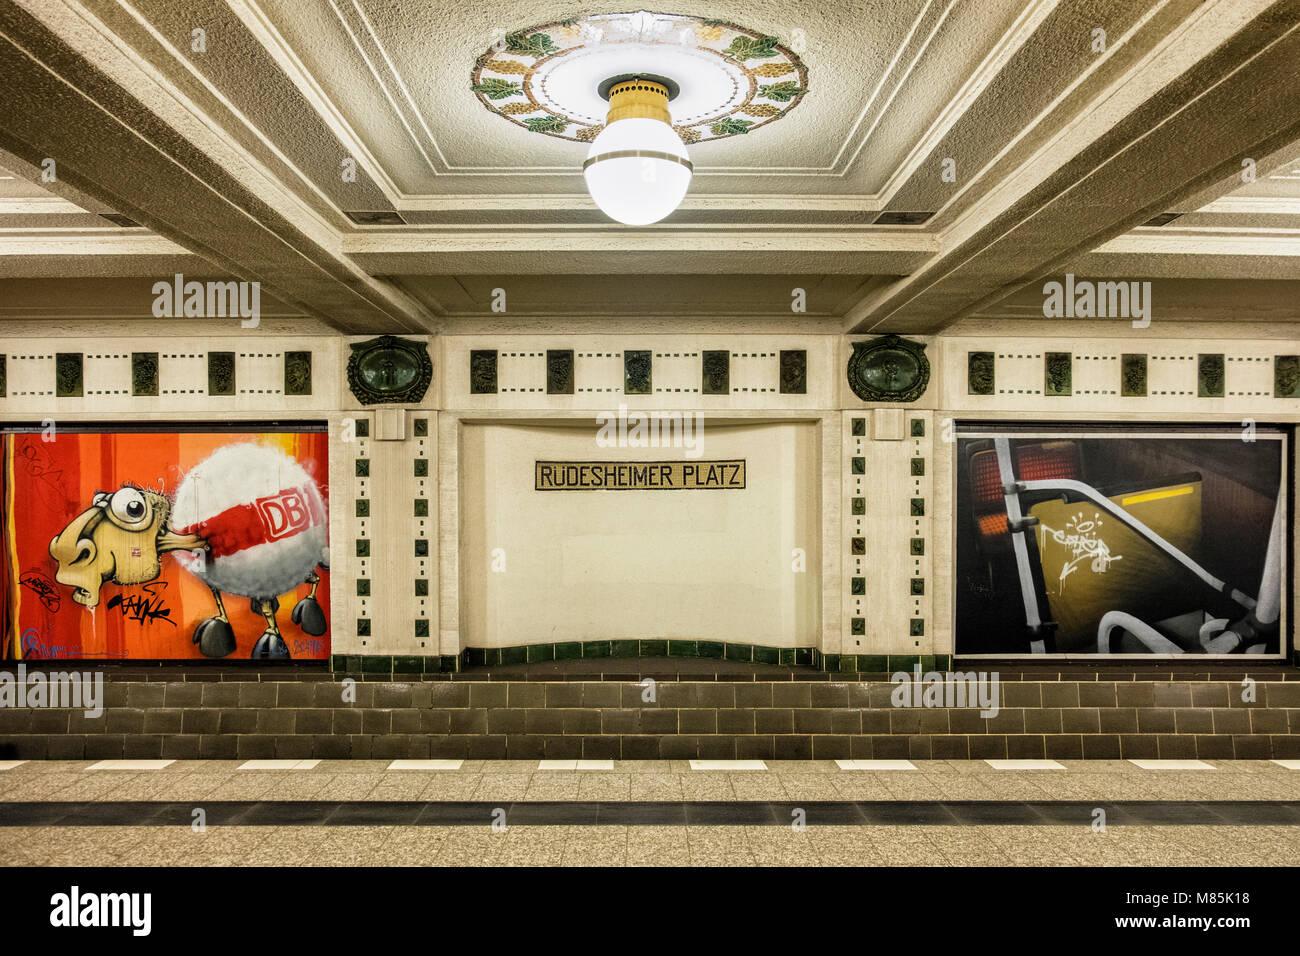 Underground Light Rail Stock Photos & Underground Light Rail Stock ...